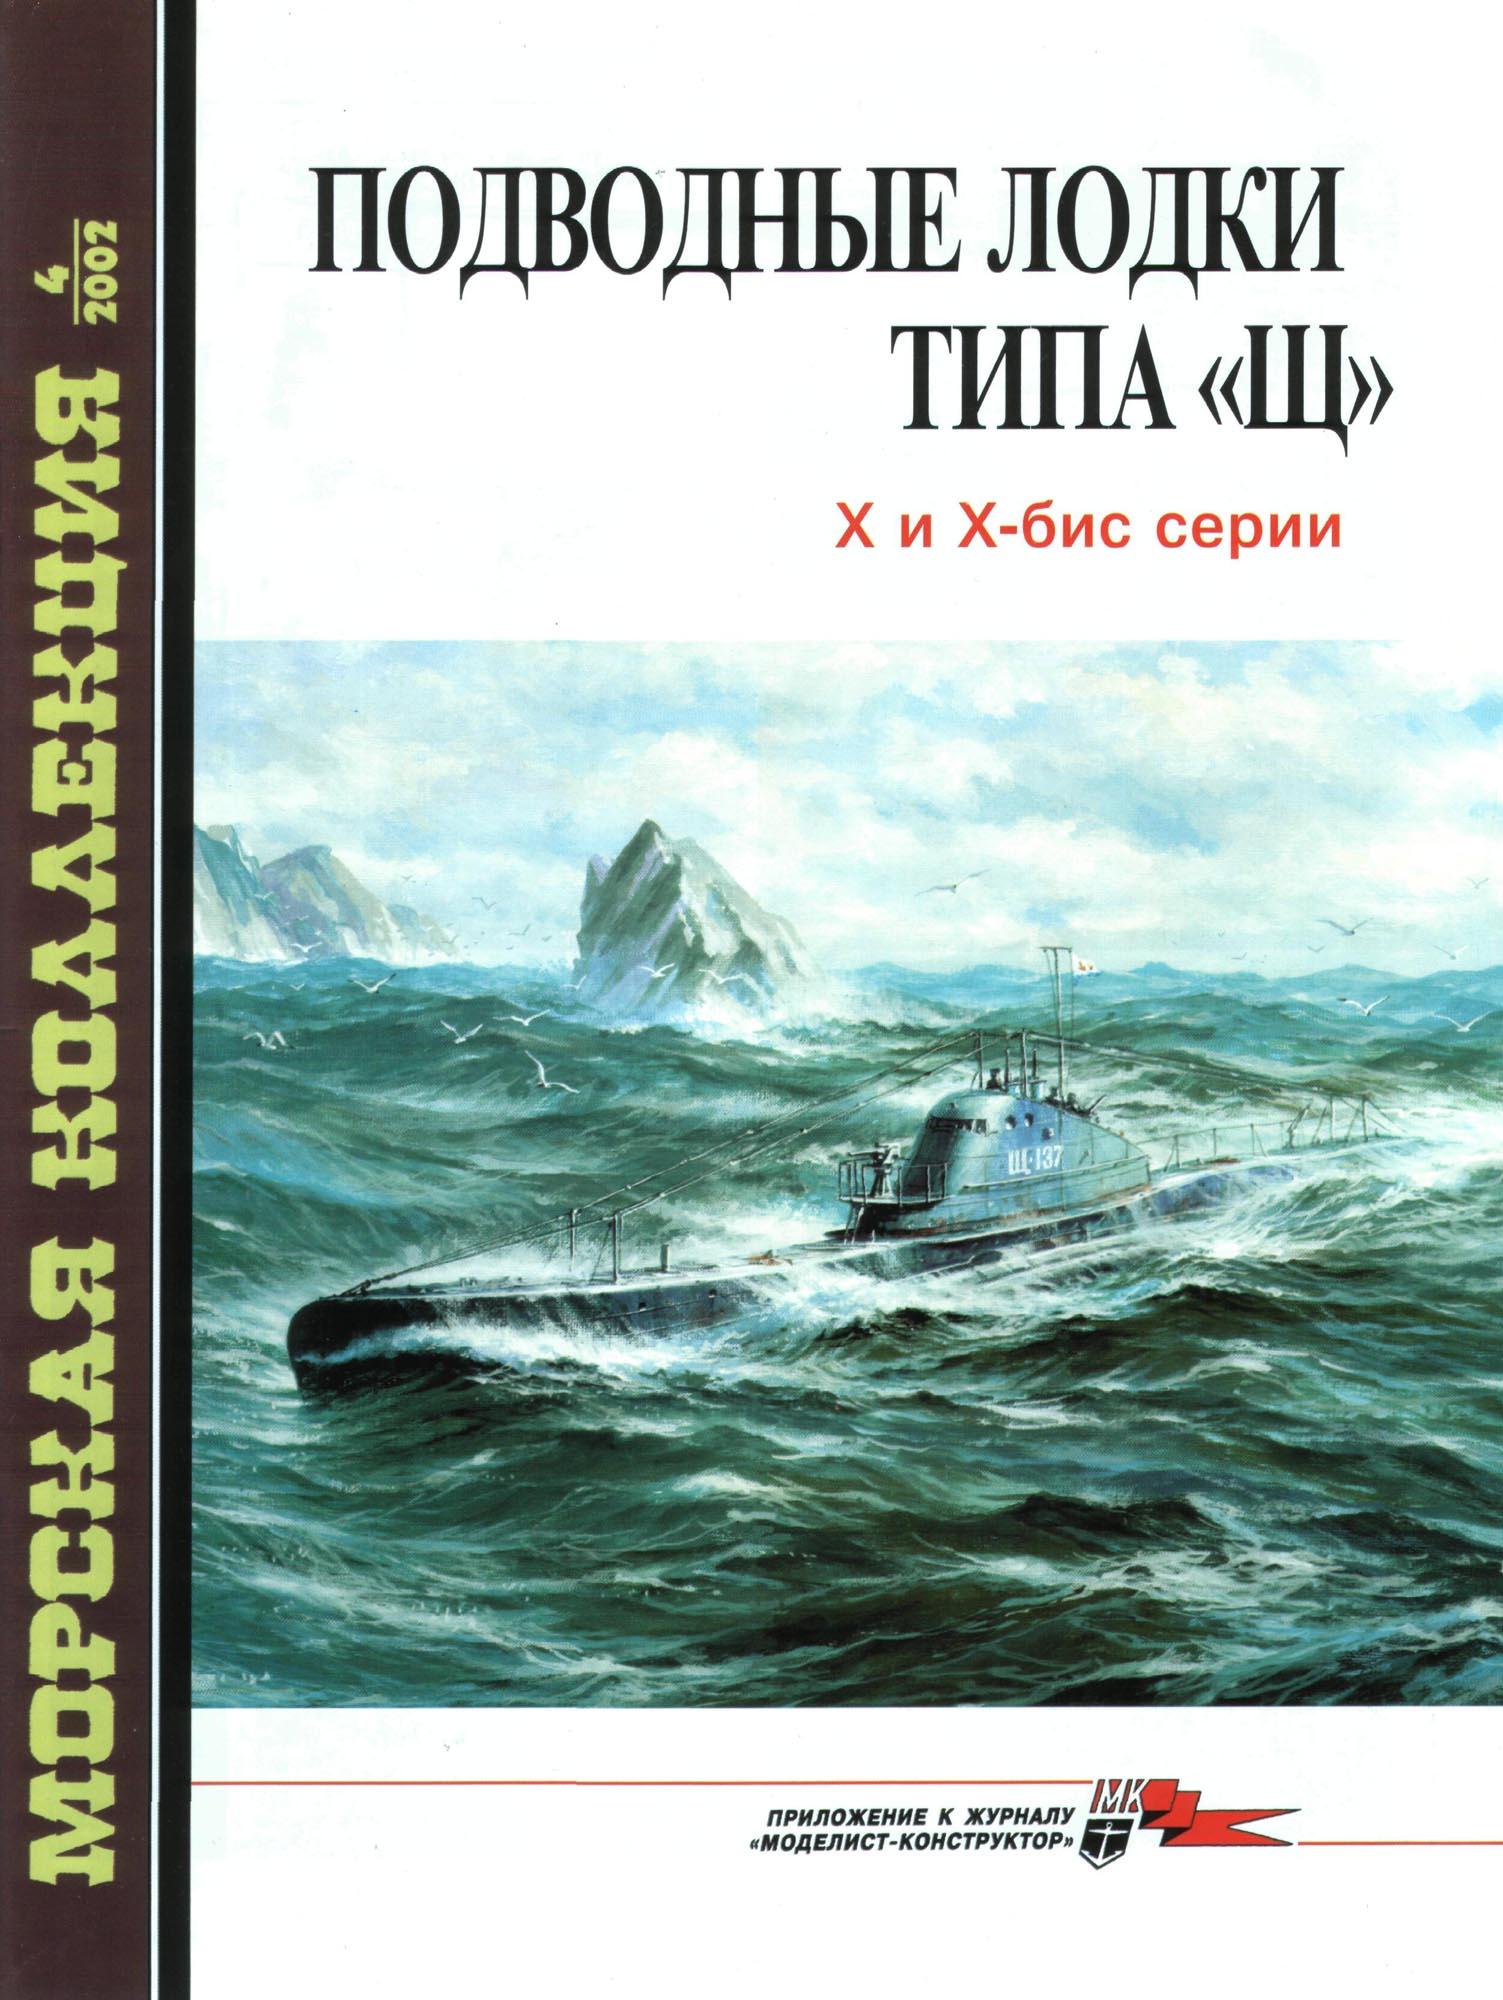 морская коллекция подводные лодки типа с